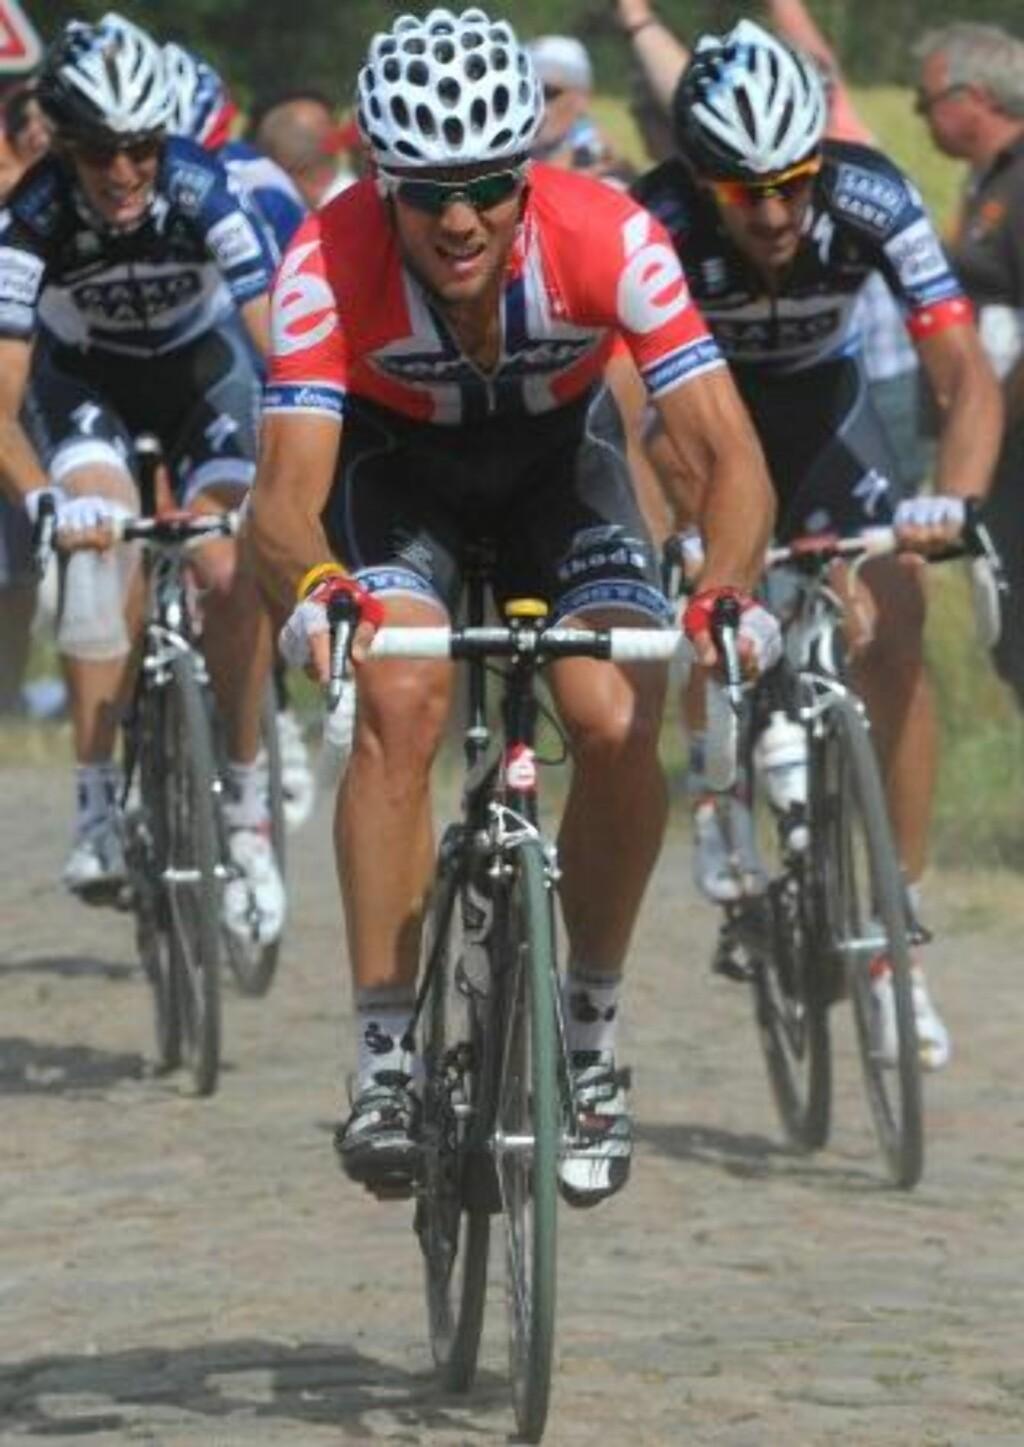 TOUR-GROSSIST: Selv med kragebeinsbrudd i mai, kom Thor Hushovd seg raskt tilbake på sykkelen, og gikk til topps på Tour-etappen på brosteinen til Arenberg - hans åttende i karrieren. Foto: SCANPIX/EPA/BERNARD PAPON/POOL